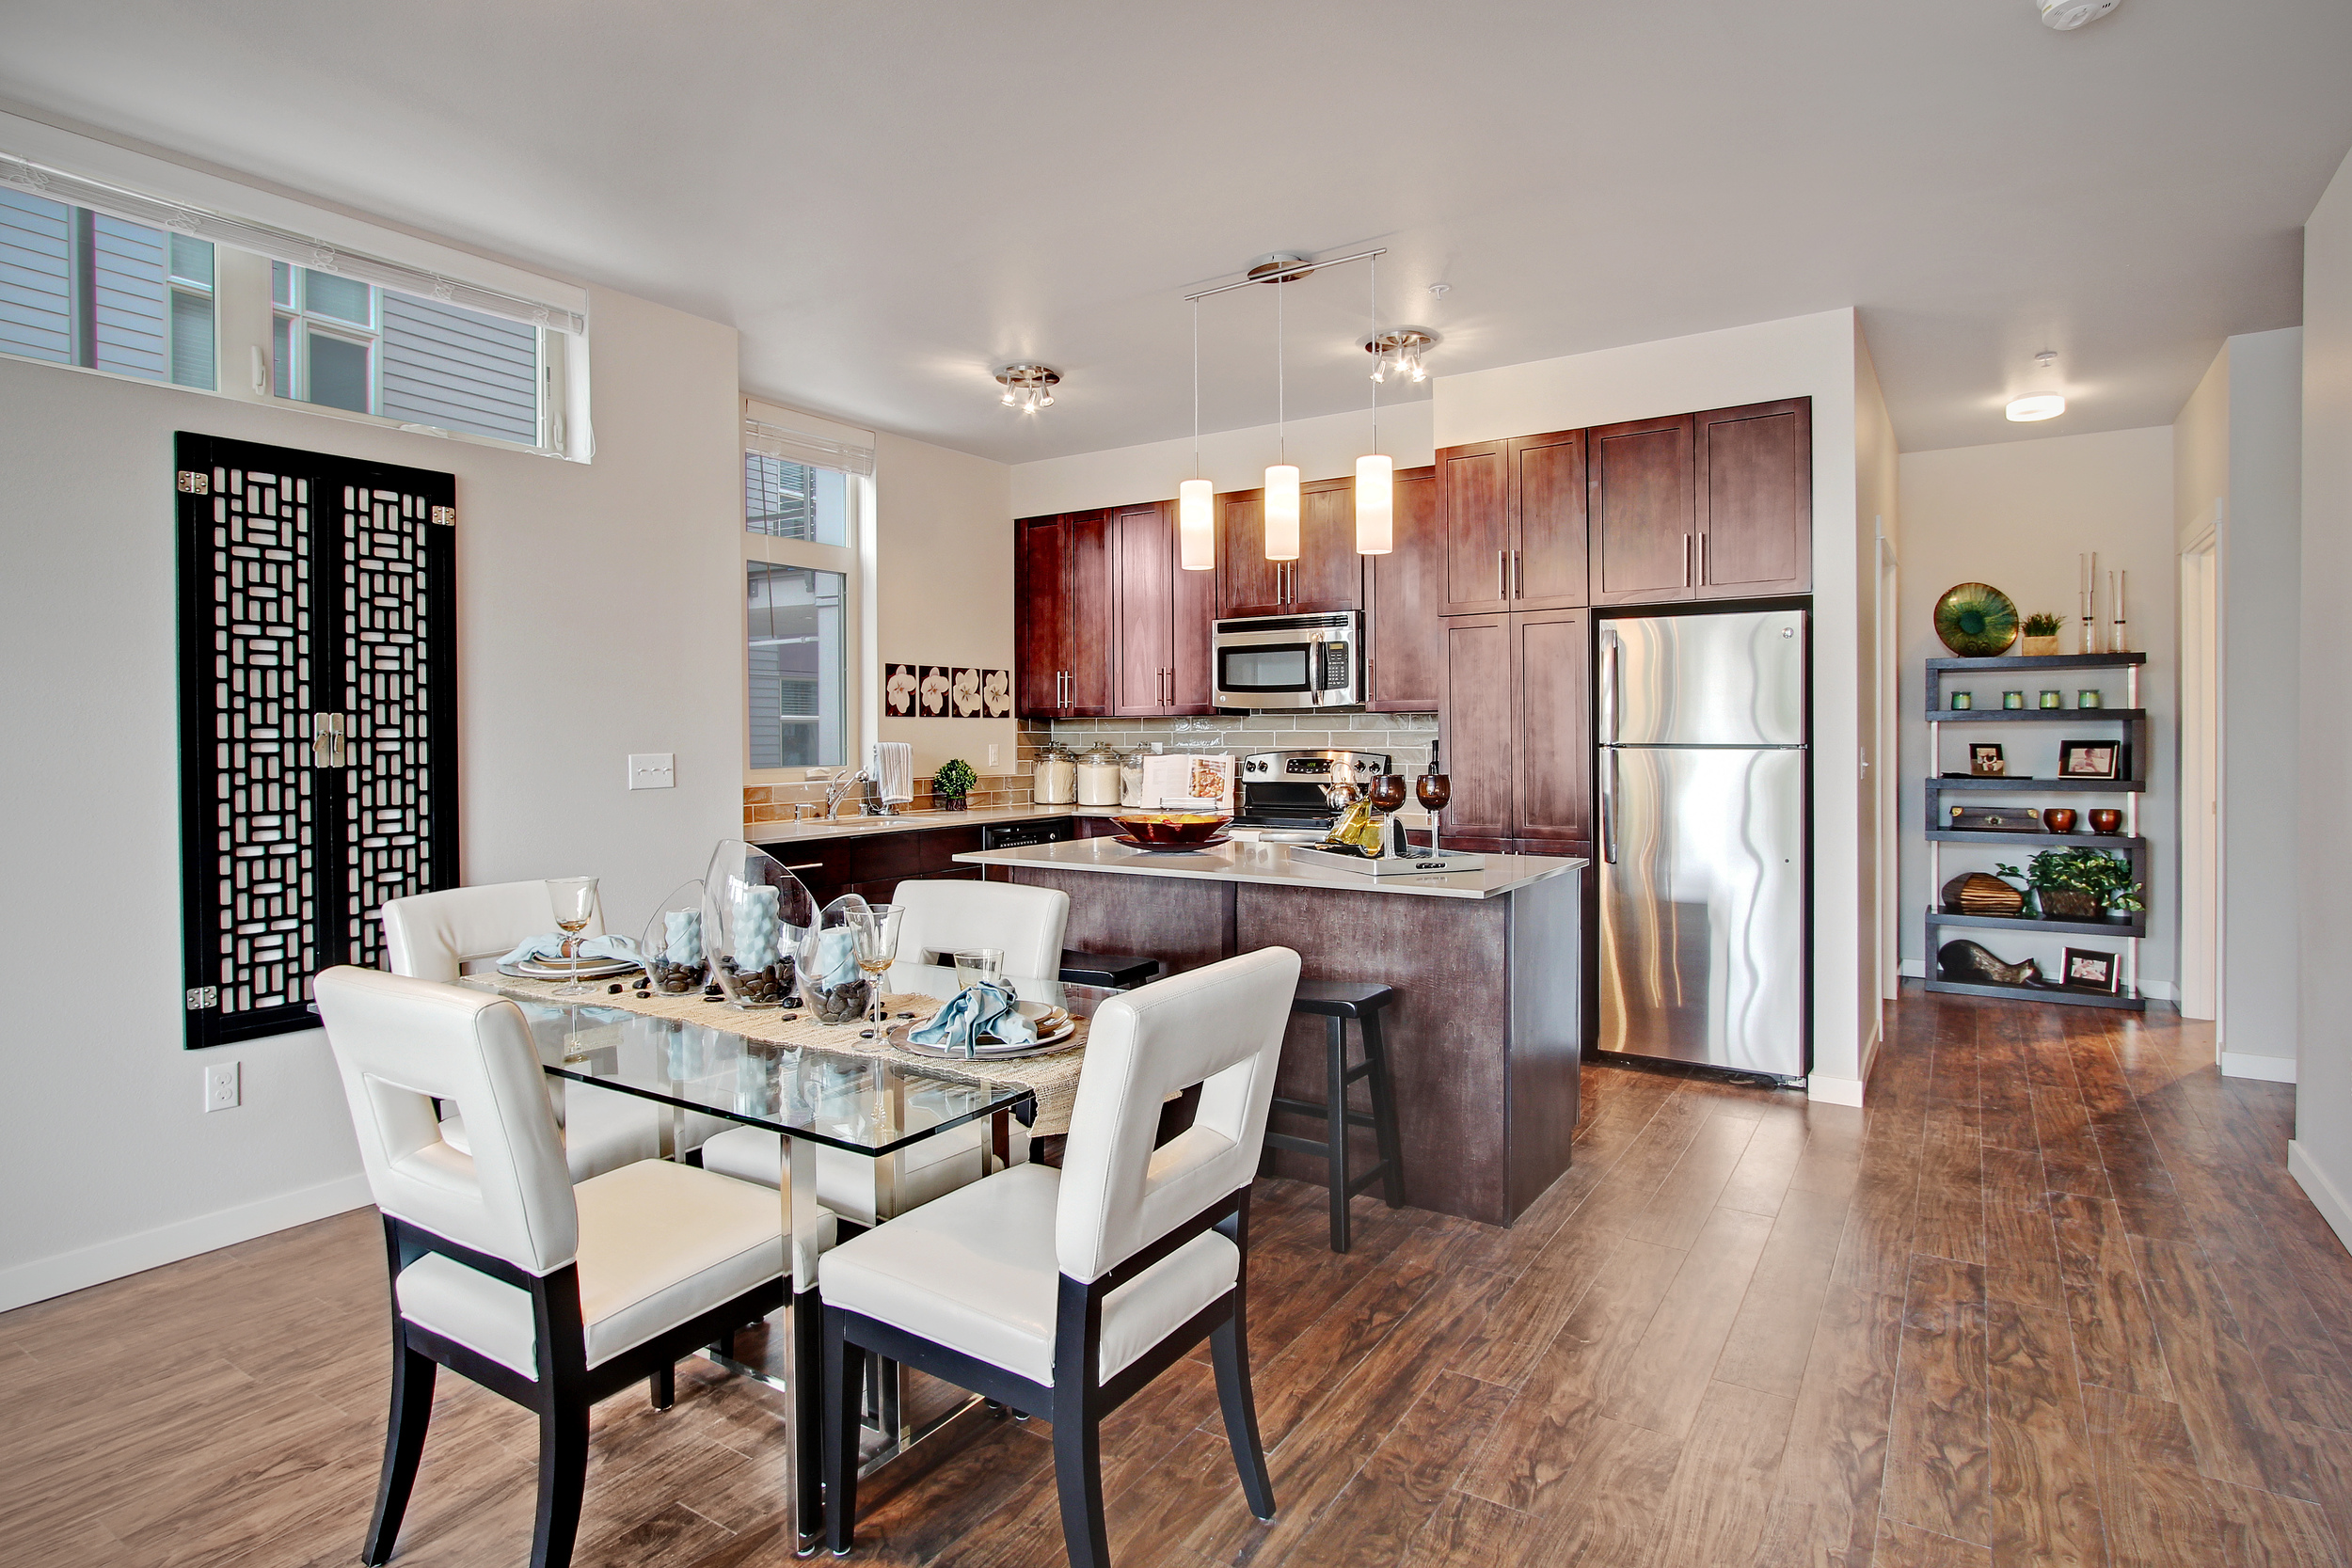 Motif Apartments